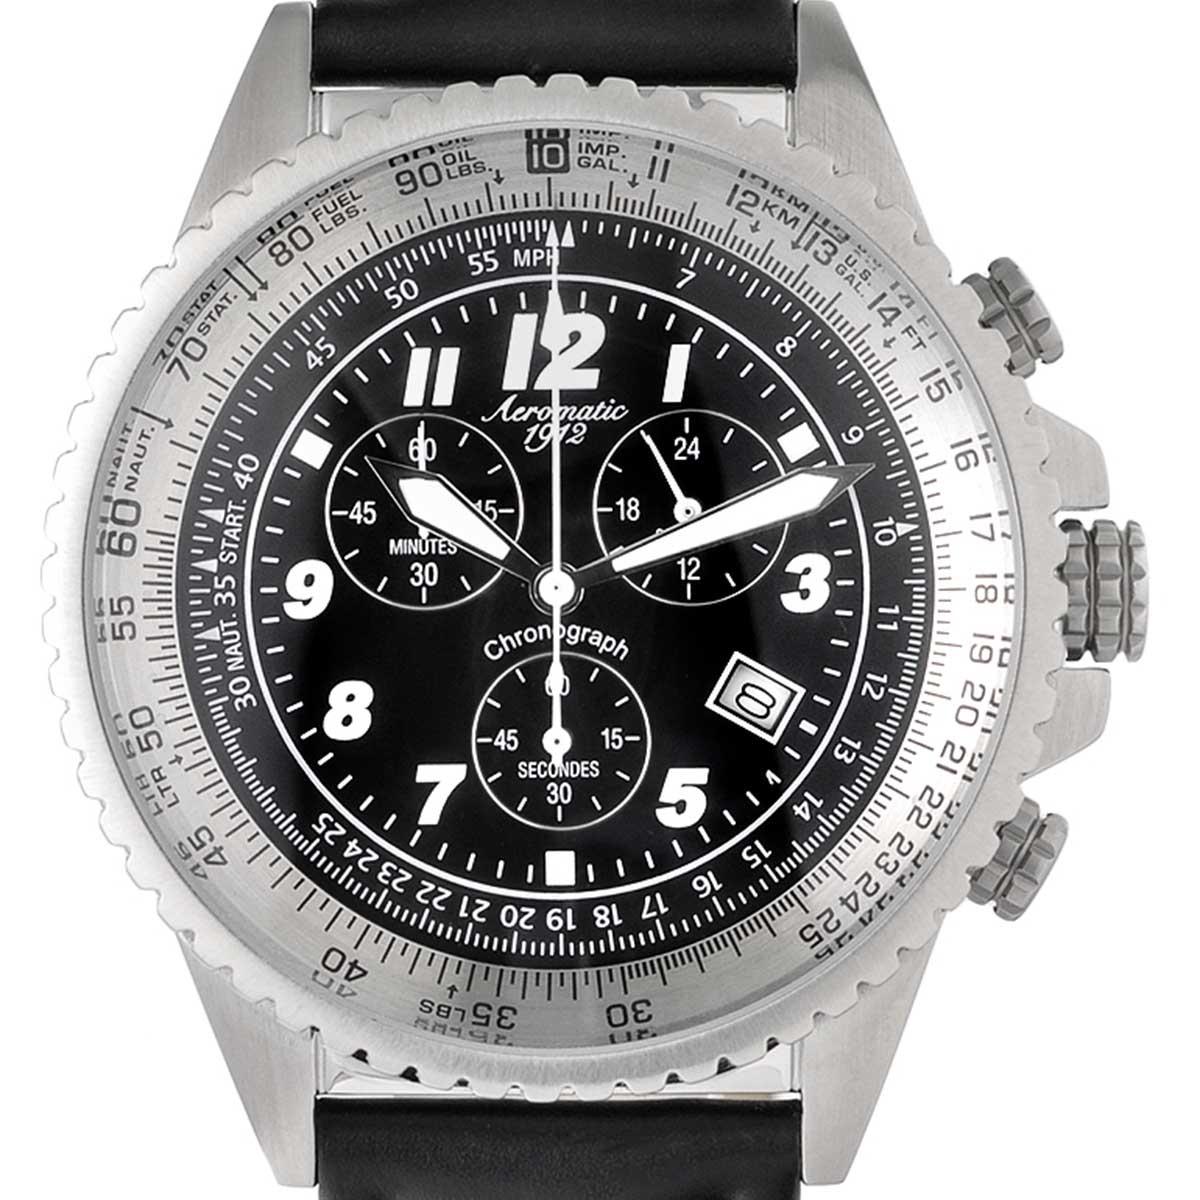 Aeromatic1912 エアロマティック1912 電池式クォーツ 腕時計 [A1222] 並行輸入品  クロノグラフ